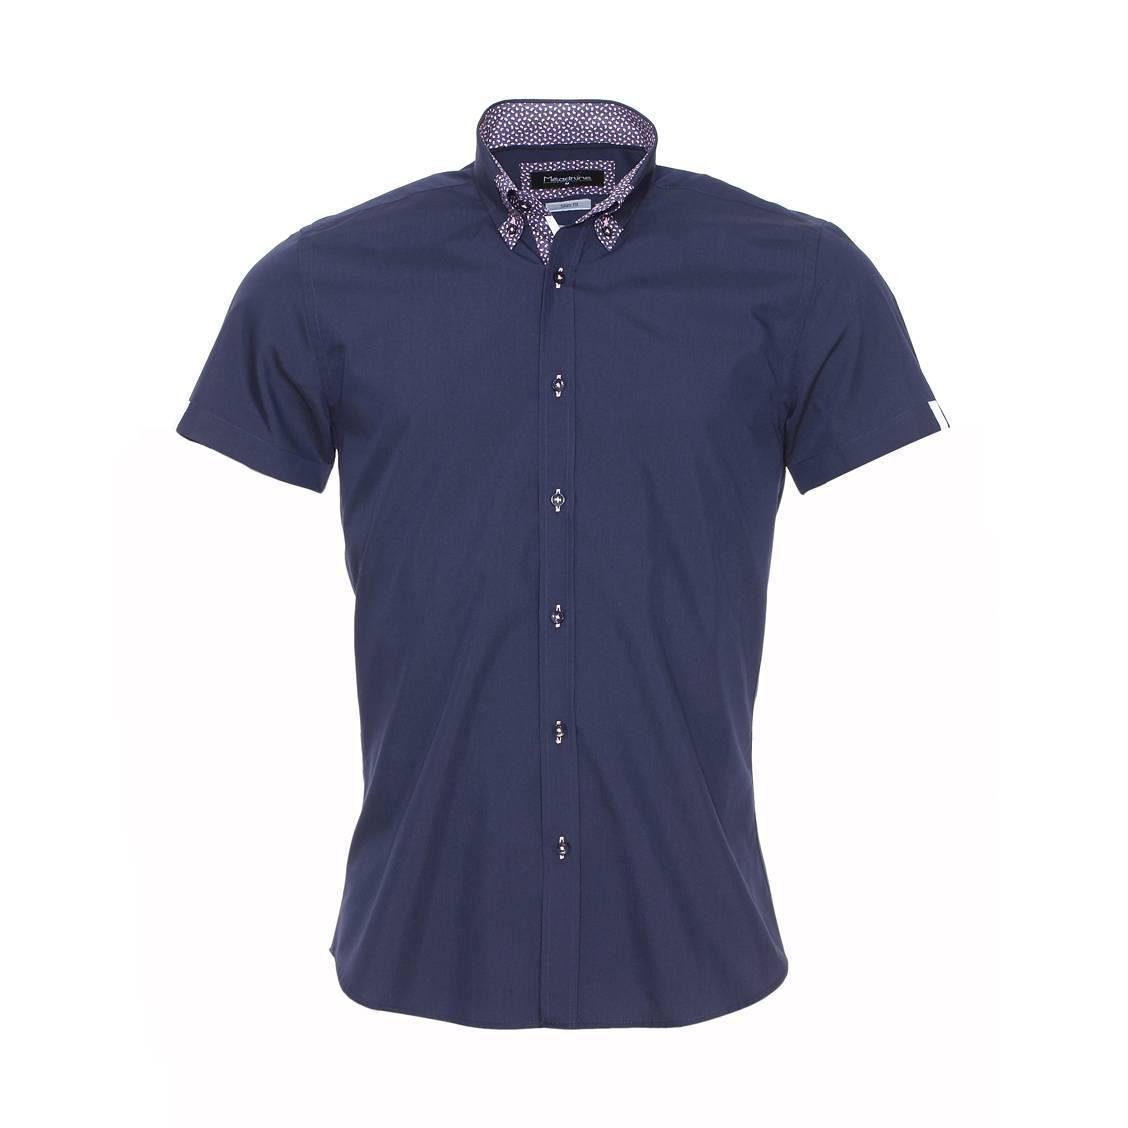 Chemise cintrée manches courtes  bleu marine à opposition à motifs gouttes